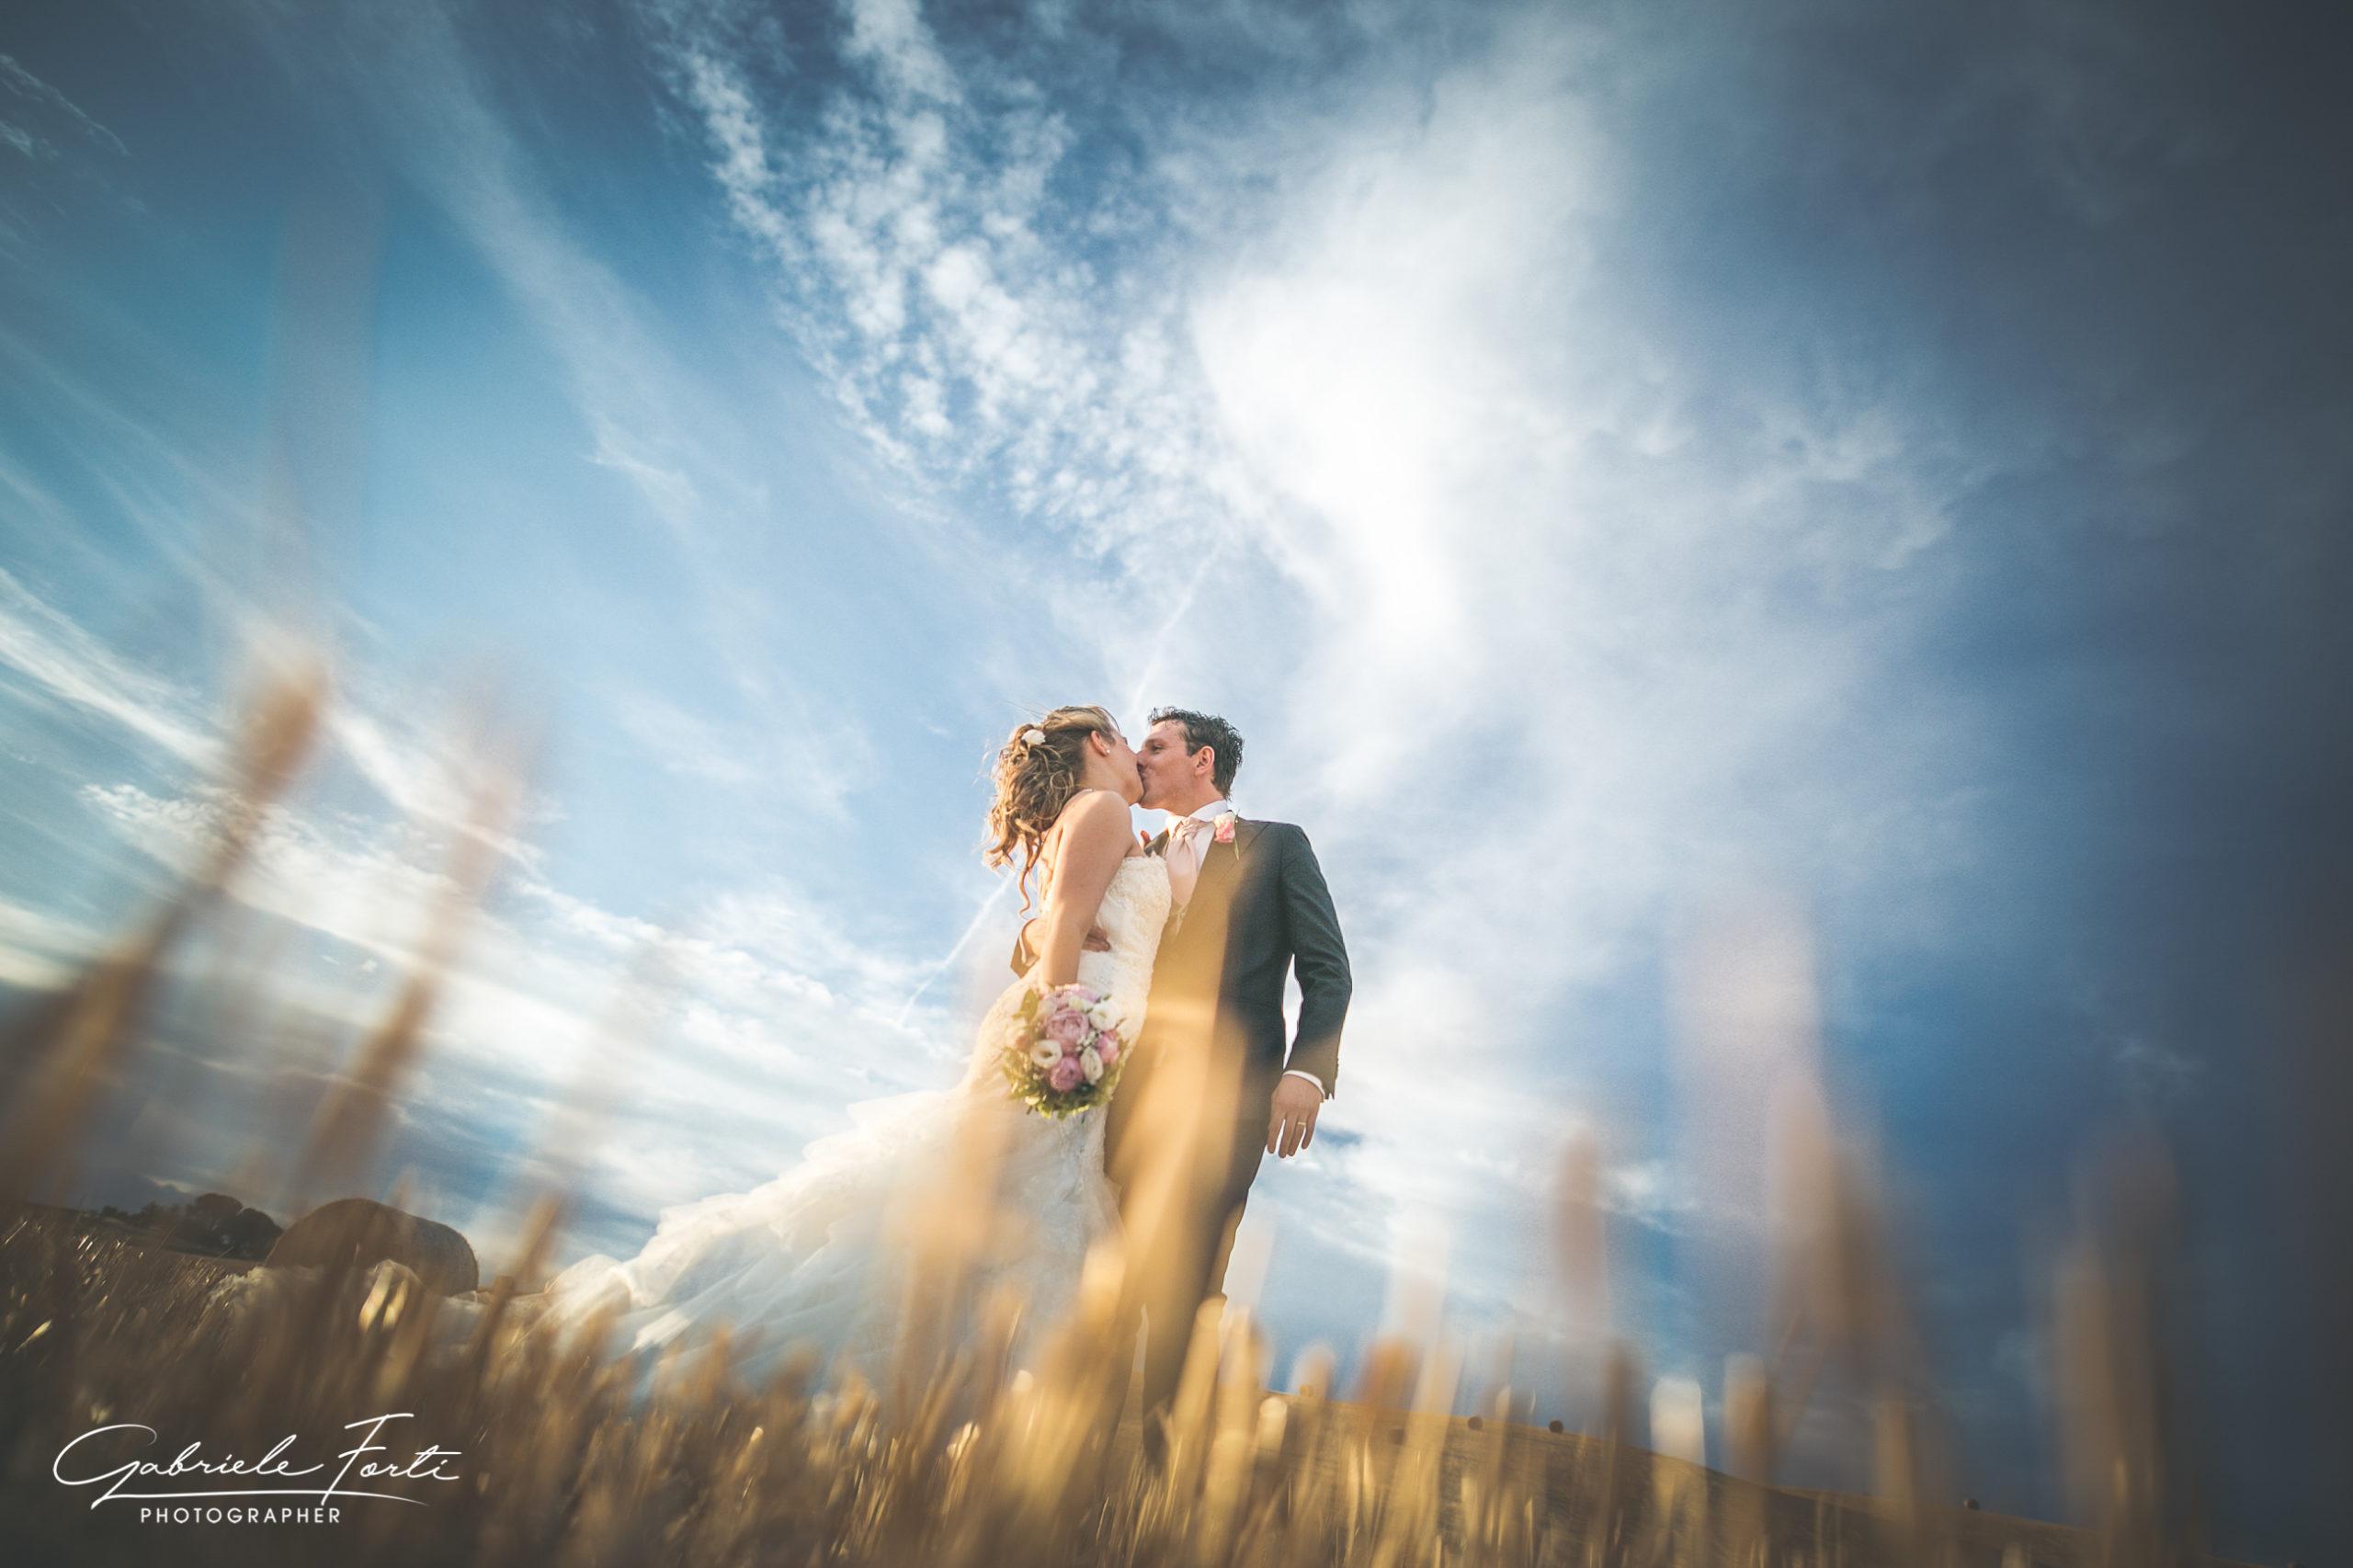 sposarsi-in-toscana-campo-grano-photo-shooting-foto-forti-gabriele